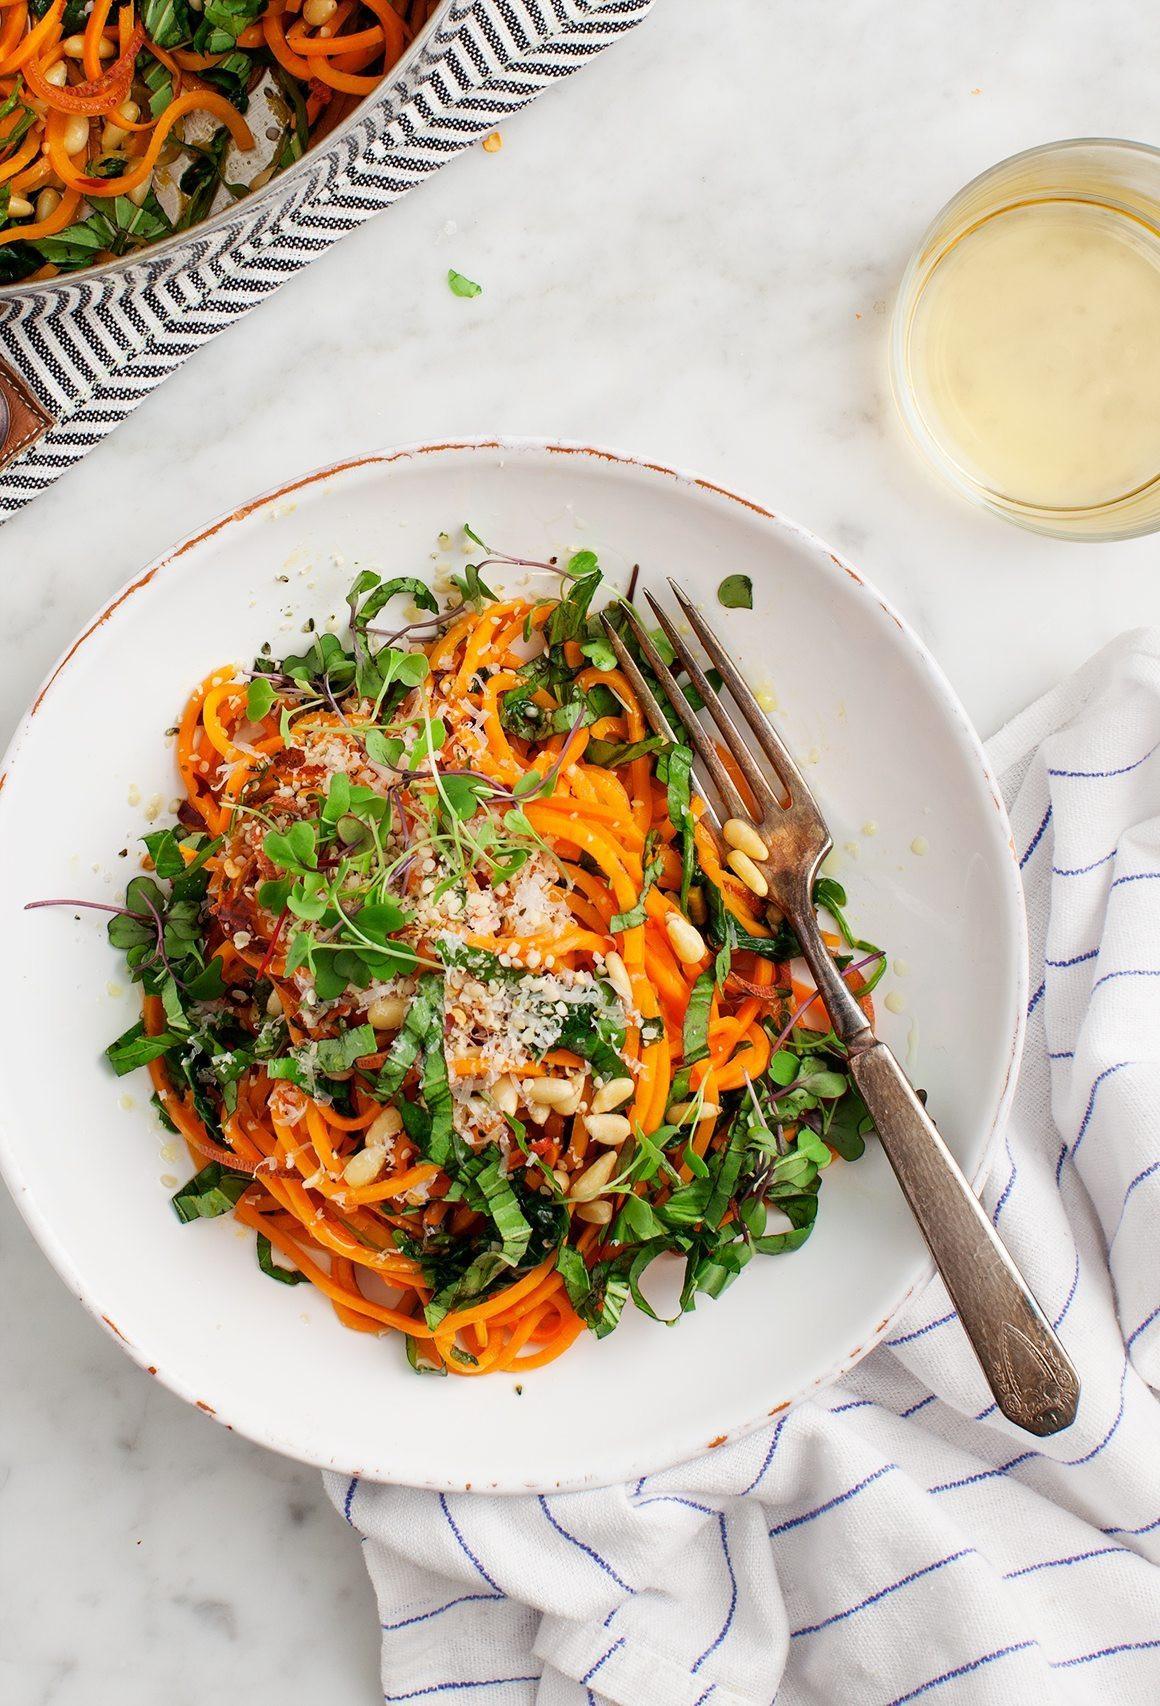 Vegetarian Dinner Ideas  Healthy Ve arian Dinner Recipes Love and Lemons